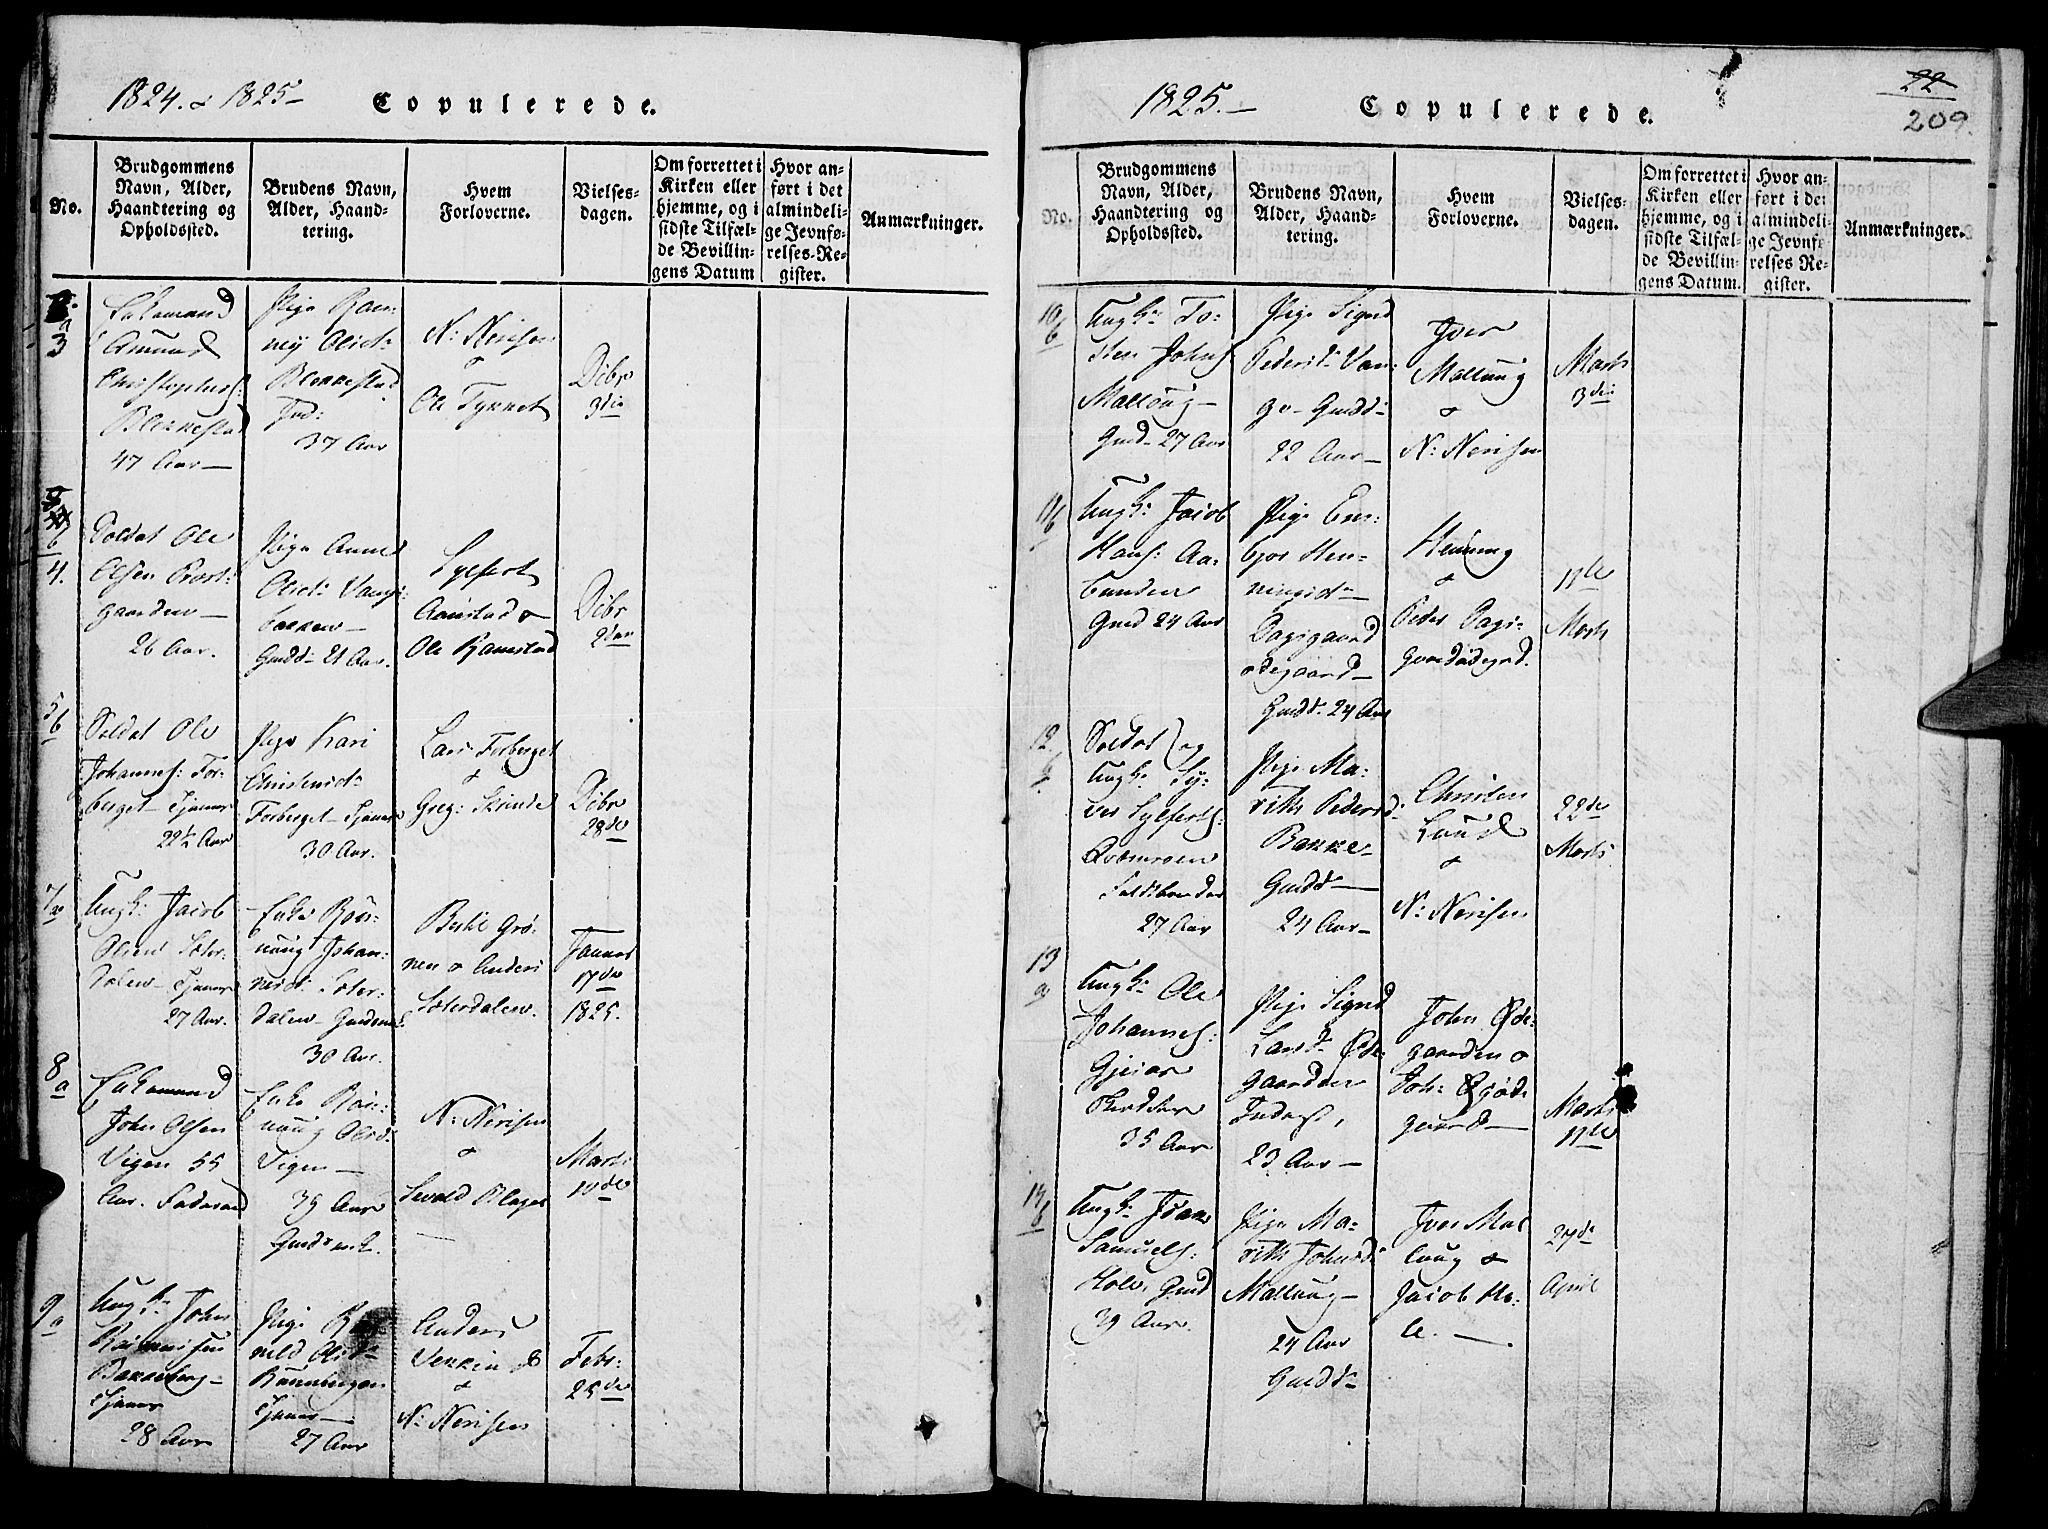 SAH, Lom prestekontor, K/L0004: Ministerialbok nr. 4, 1815-1825, s. 209